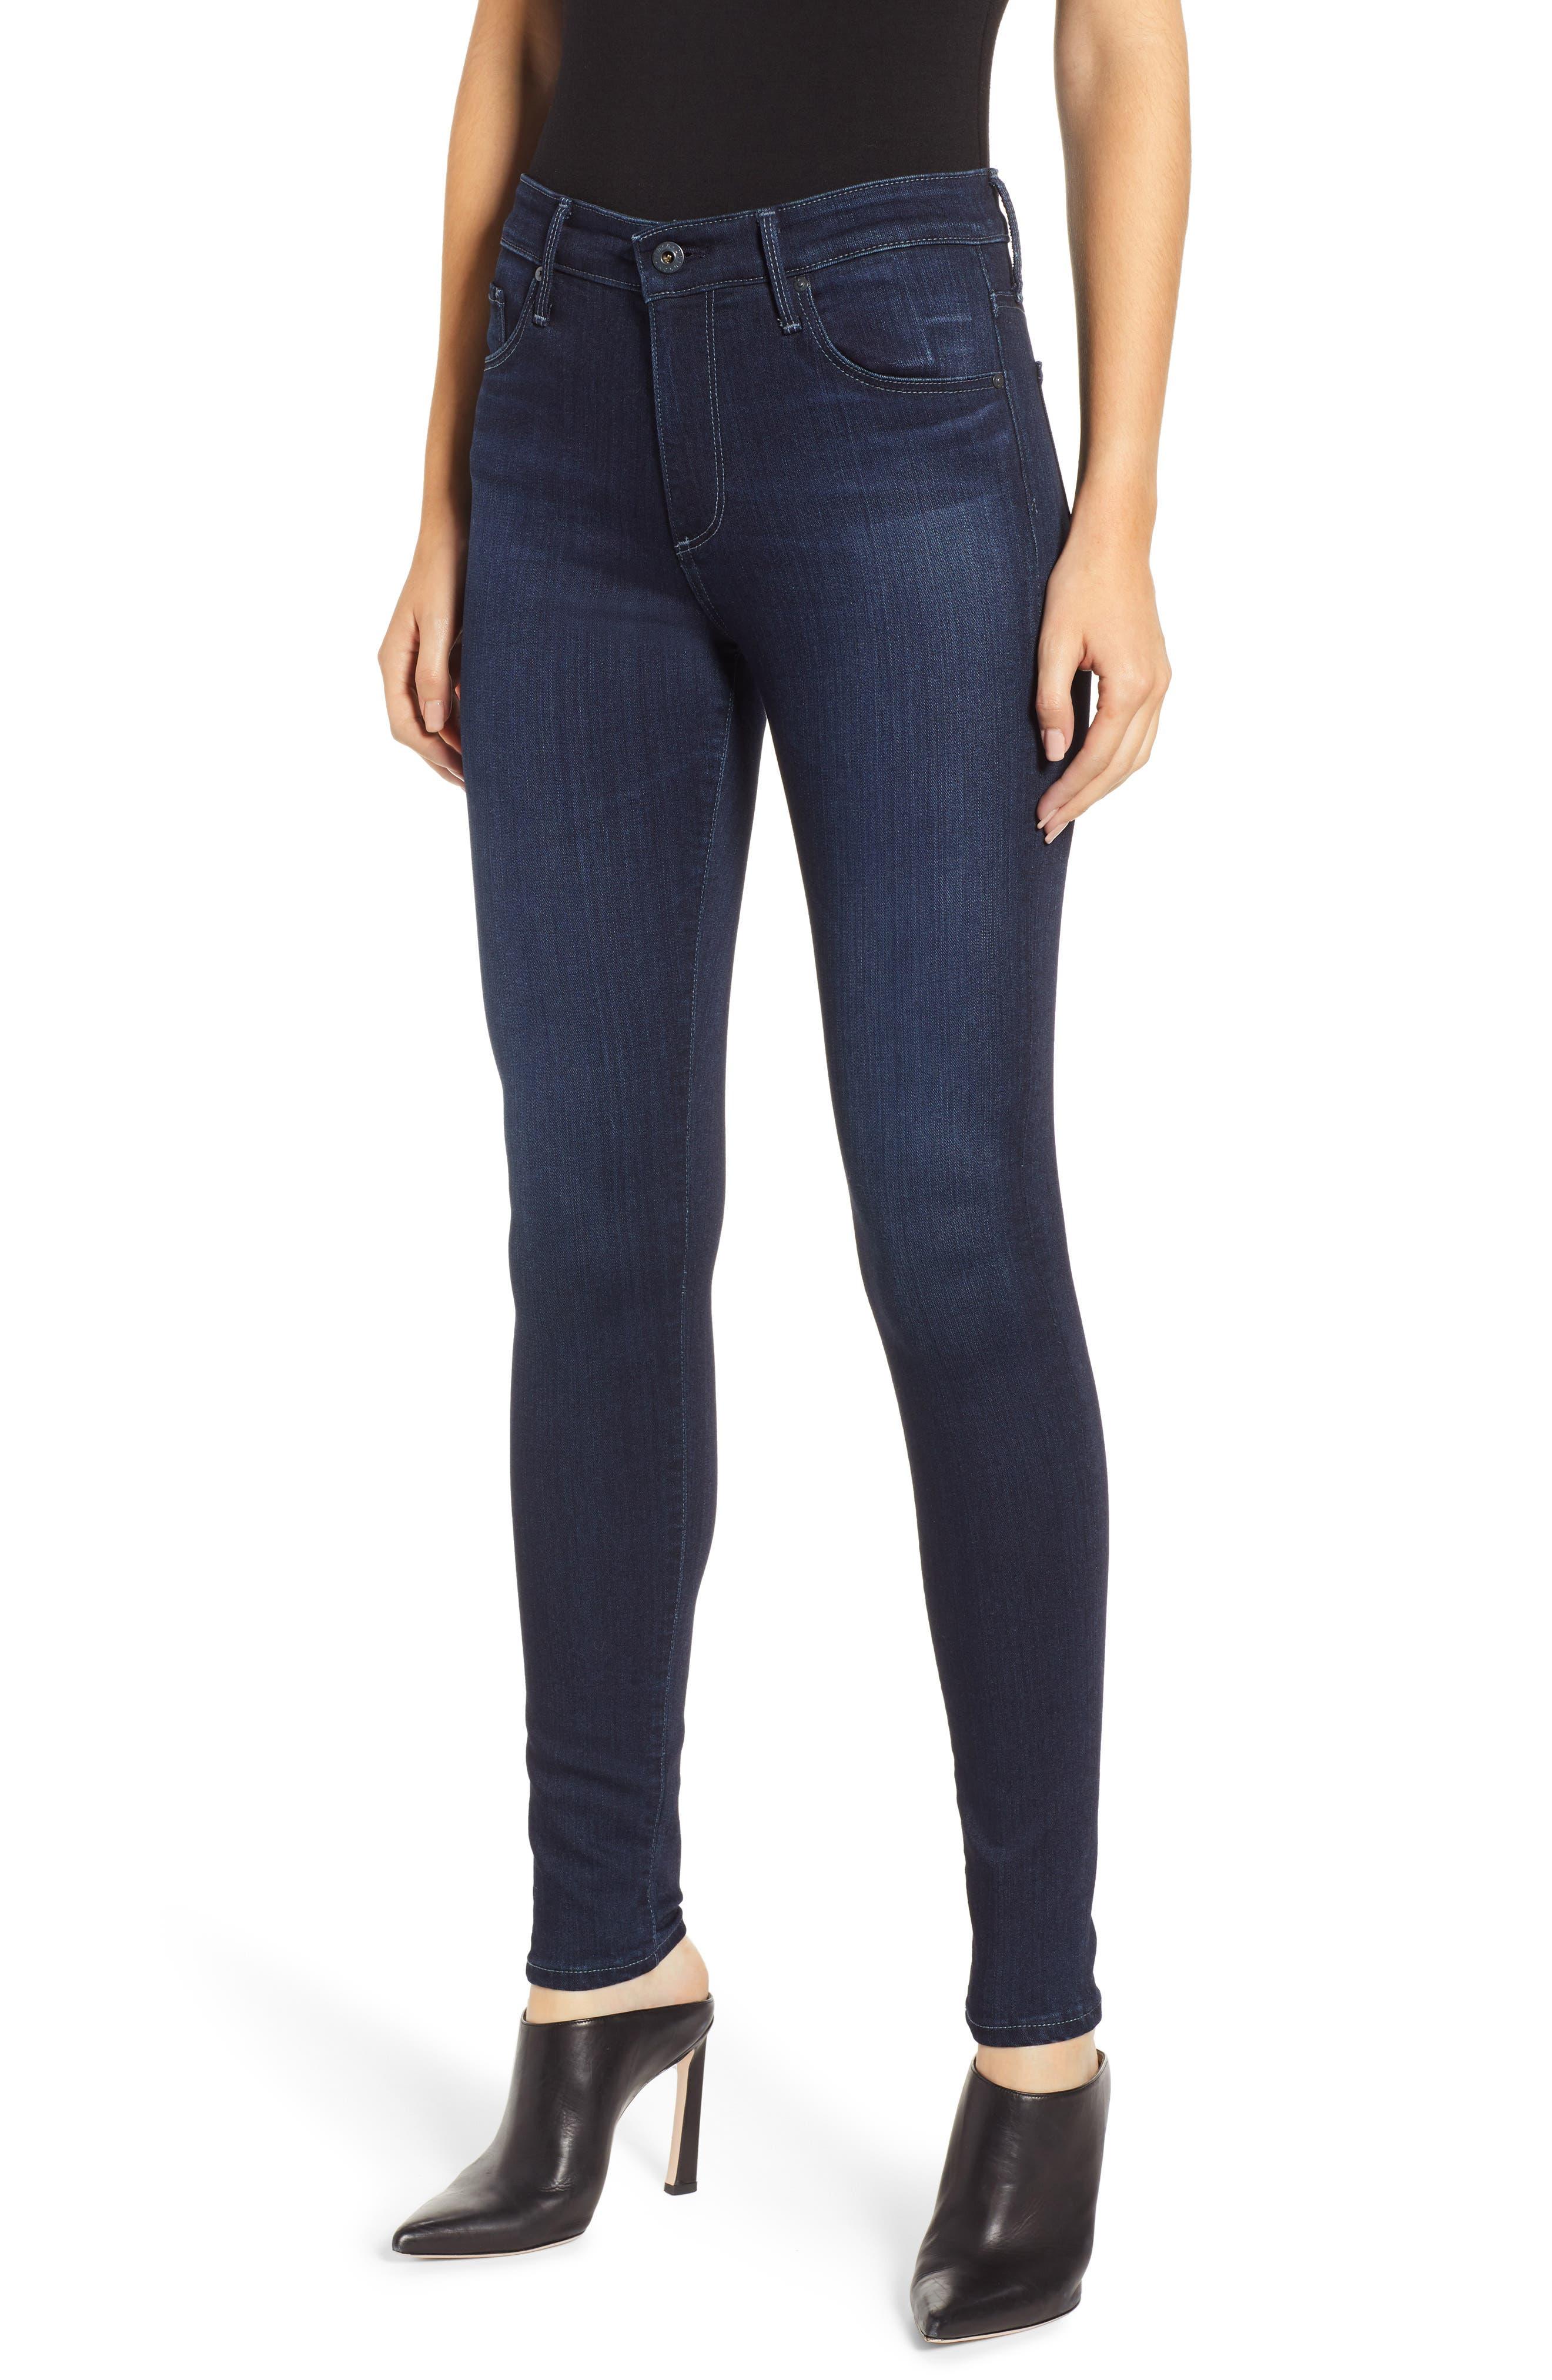 AG, Farrah High Waist Skinny Jeans, Main thumbnail 1, color, BLUE BASIN